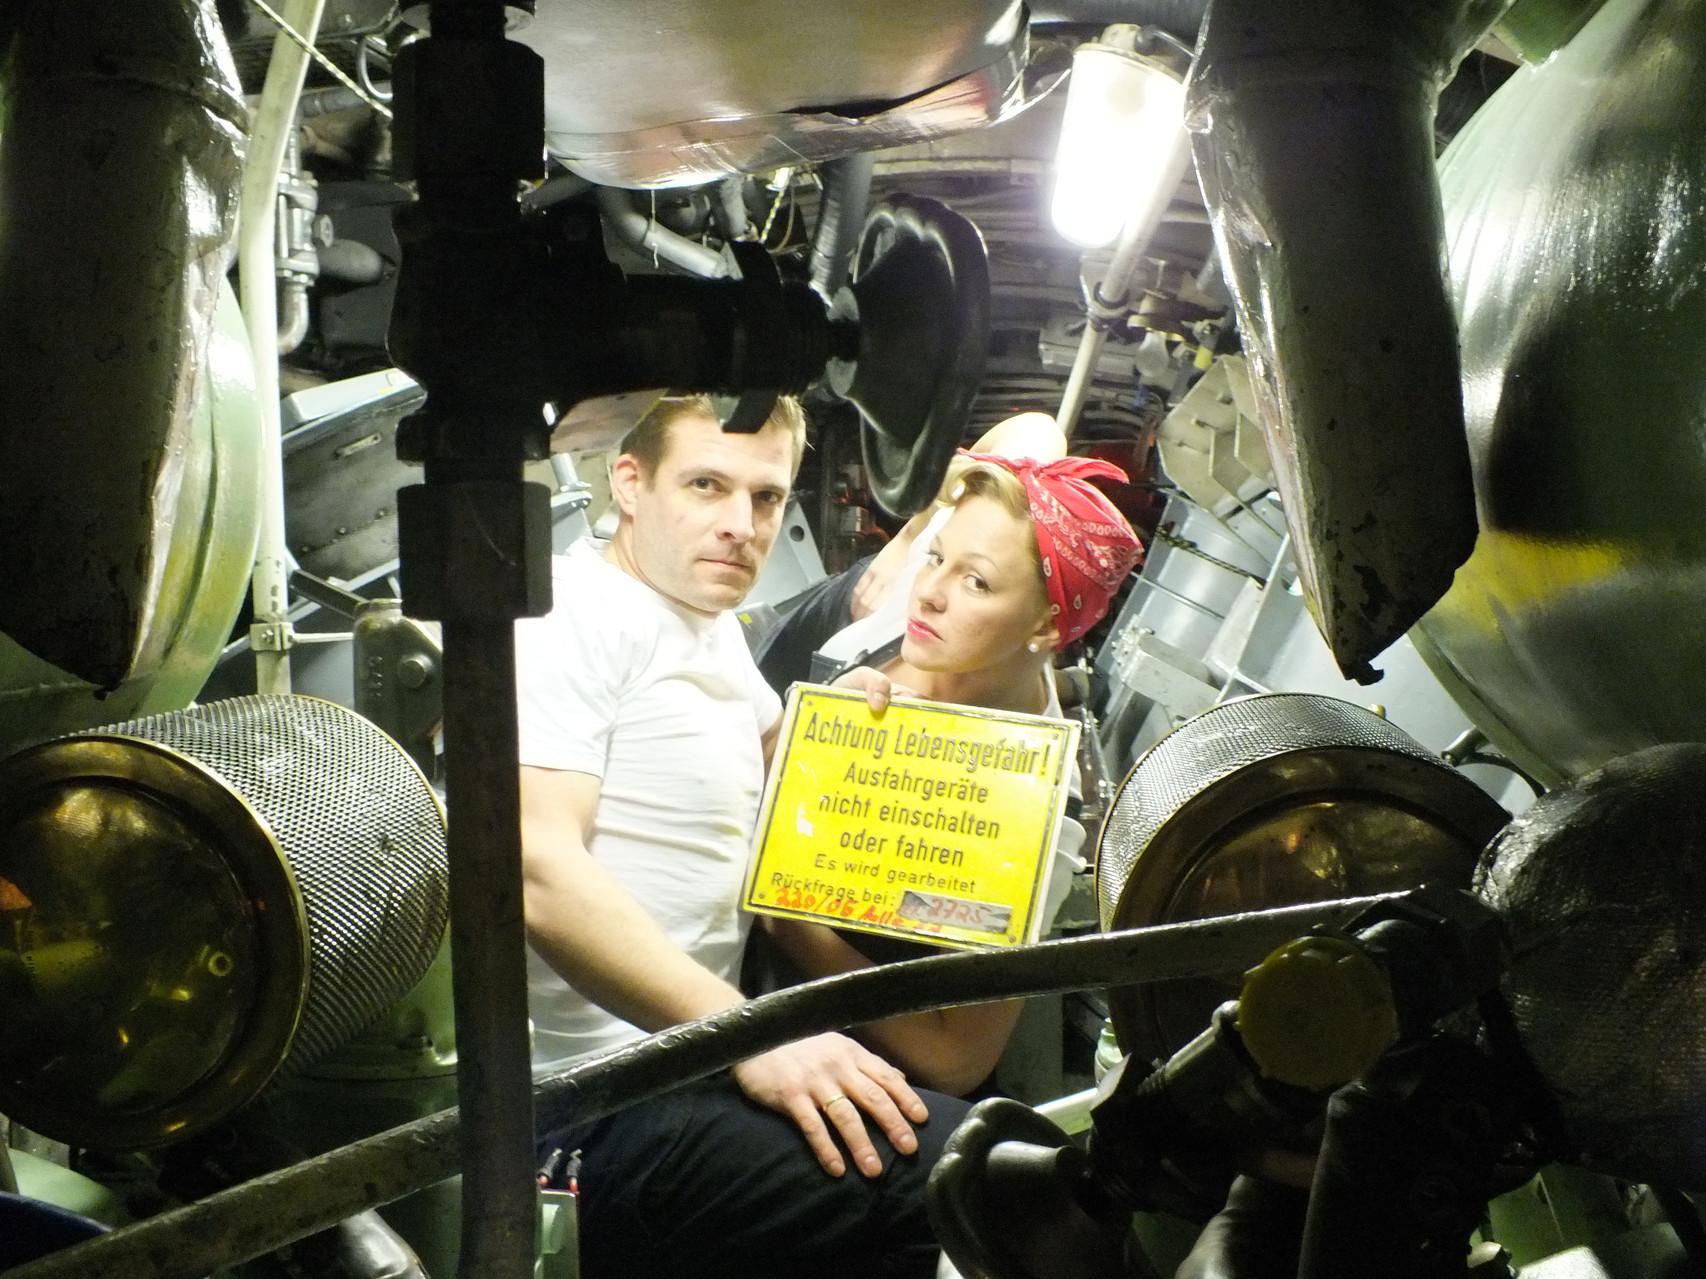 Stefanie mit dem damaligen Kommandanten von Besatzung Charlie im Motraum eines alten 206a Uboot.